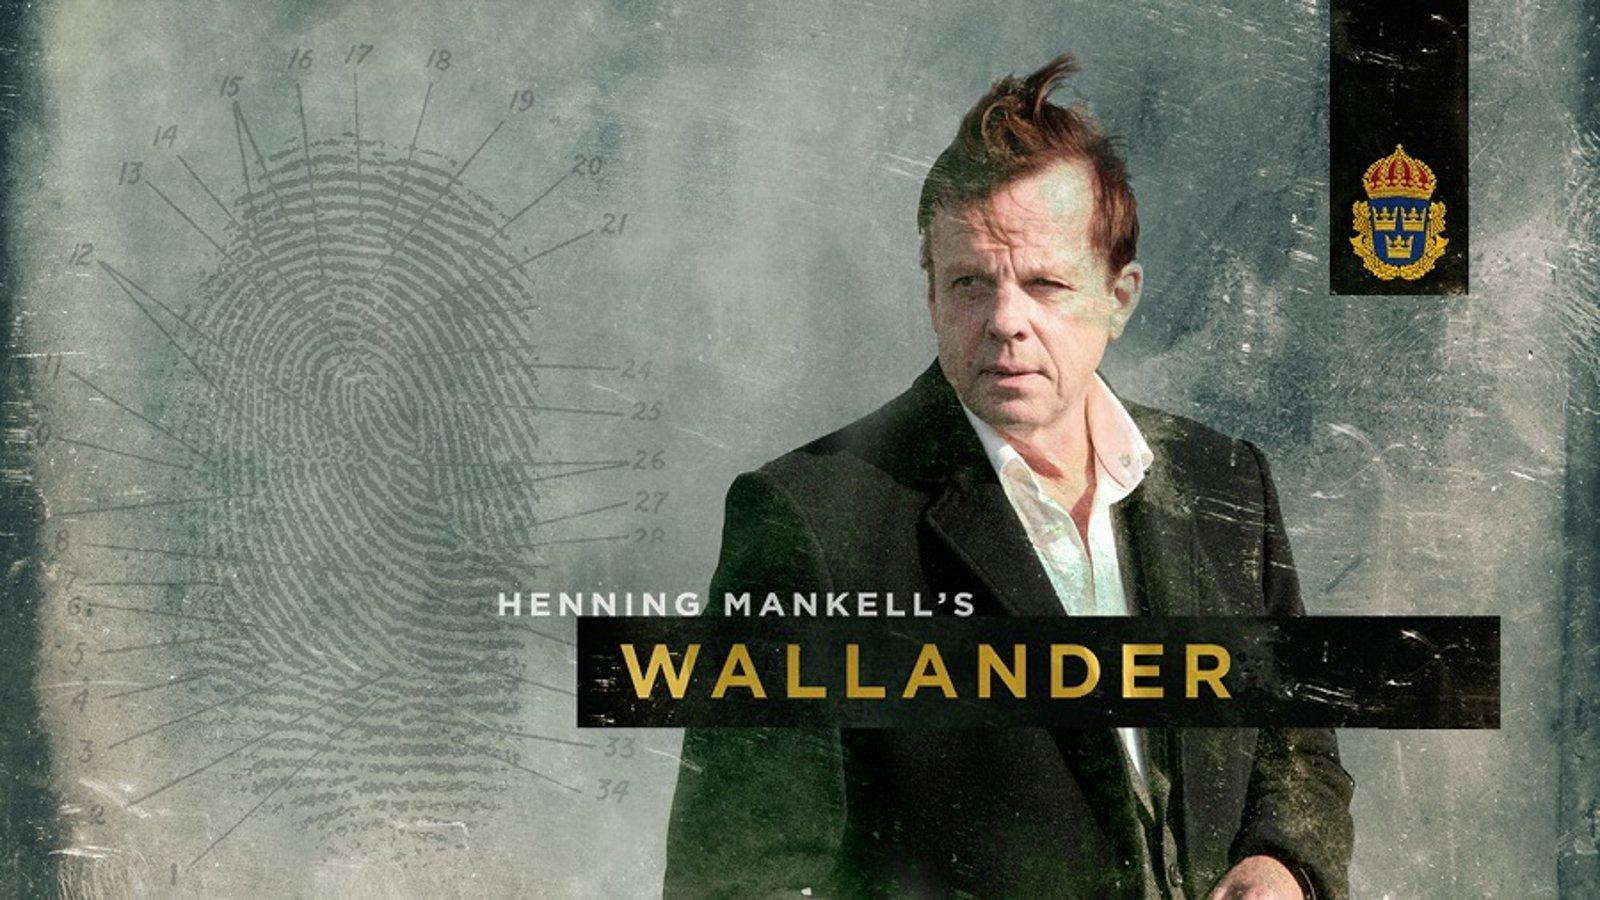 Wallander Season 2